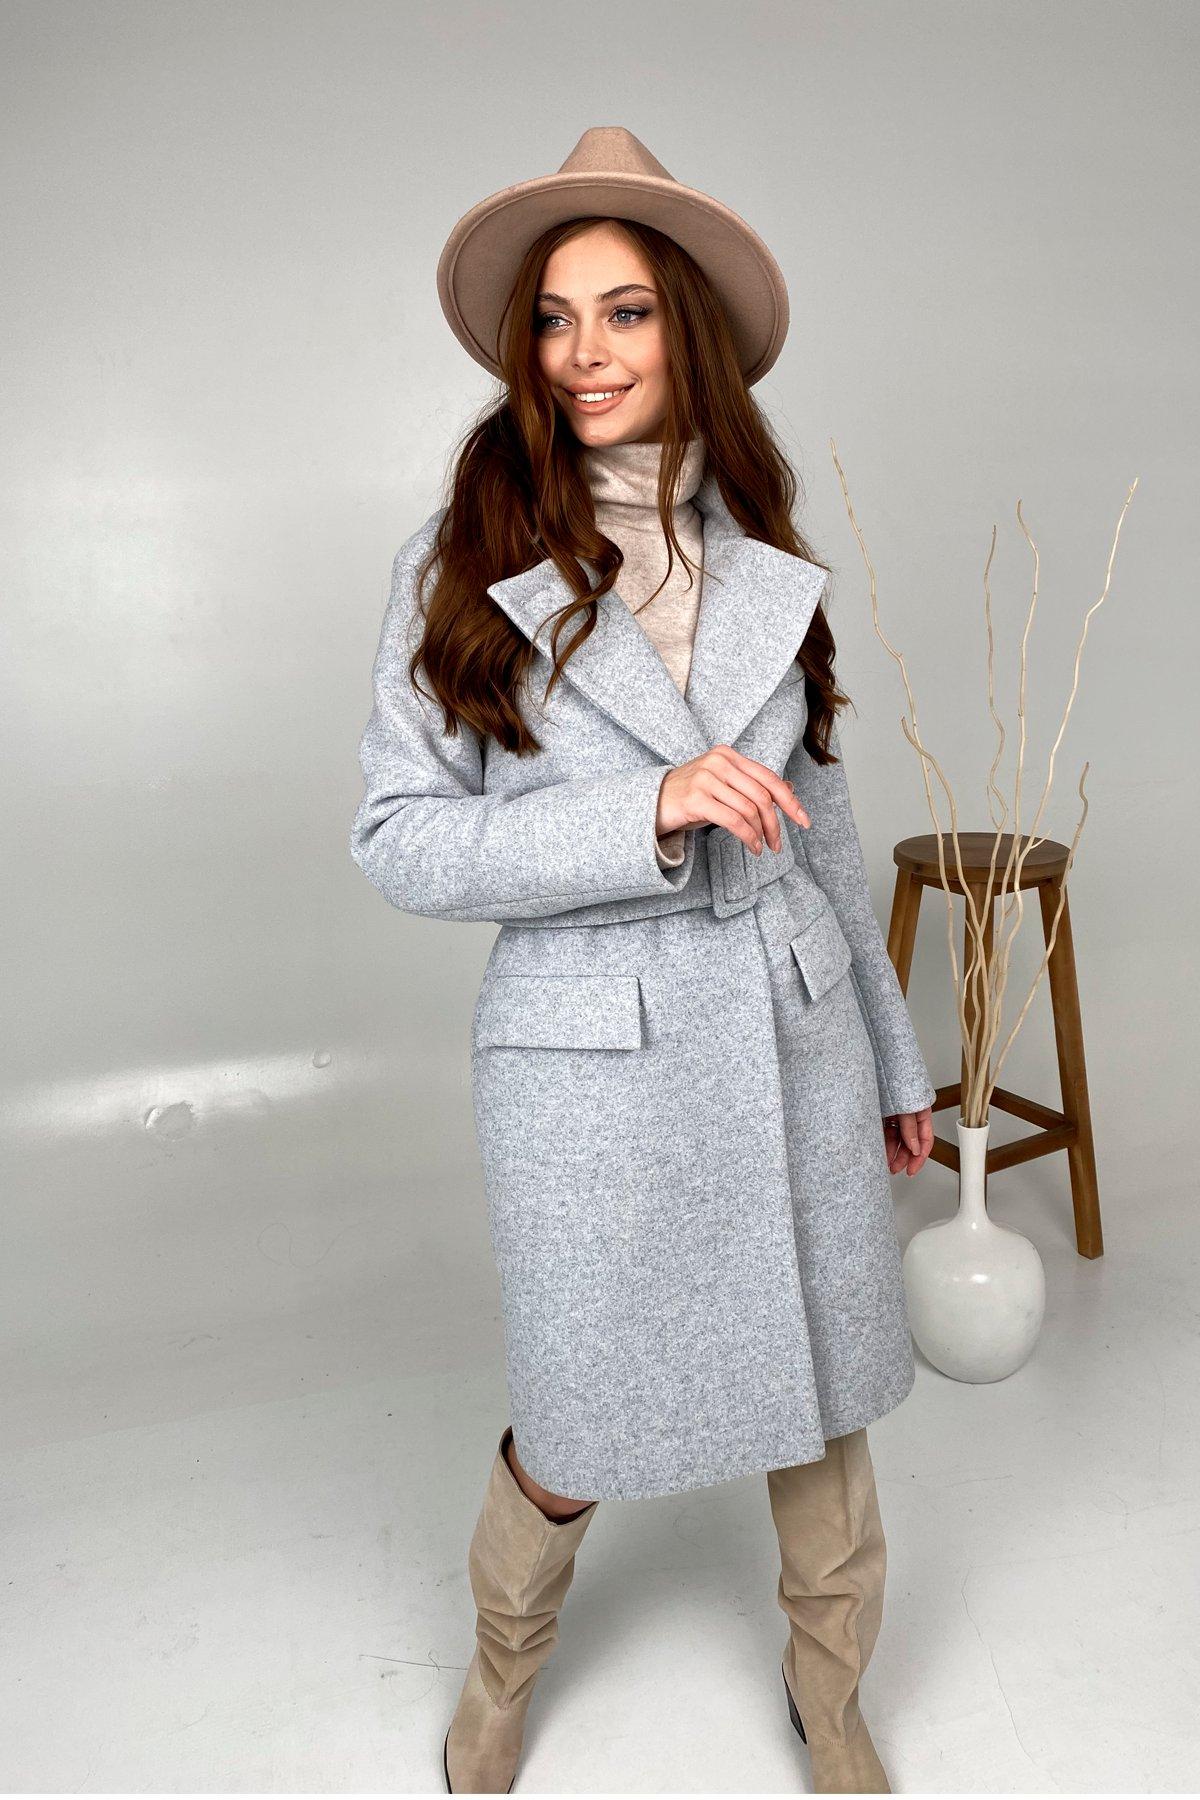 Зимнее пальто с отложным воротником Моле 8085 АРТ. 44035 Цвет: Серый Светлый 33 - фото 2, интернет магазин tm-modus.ru